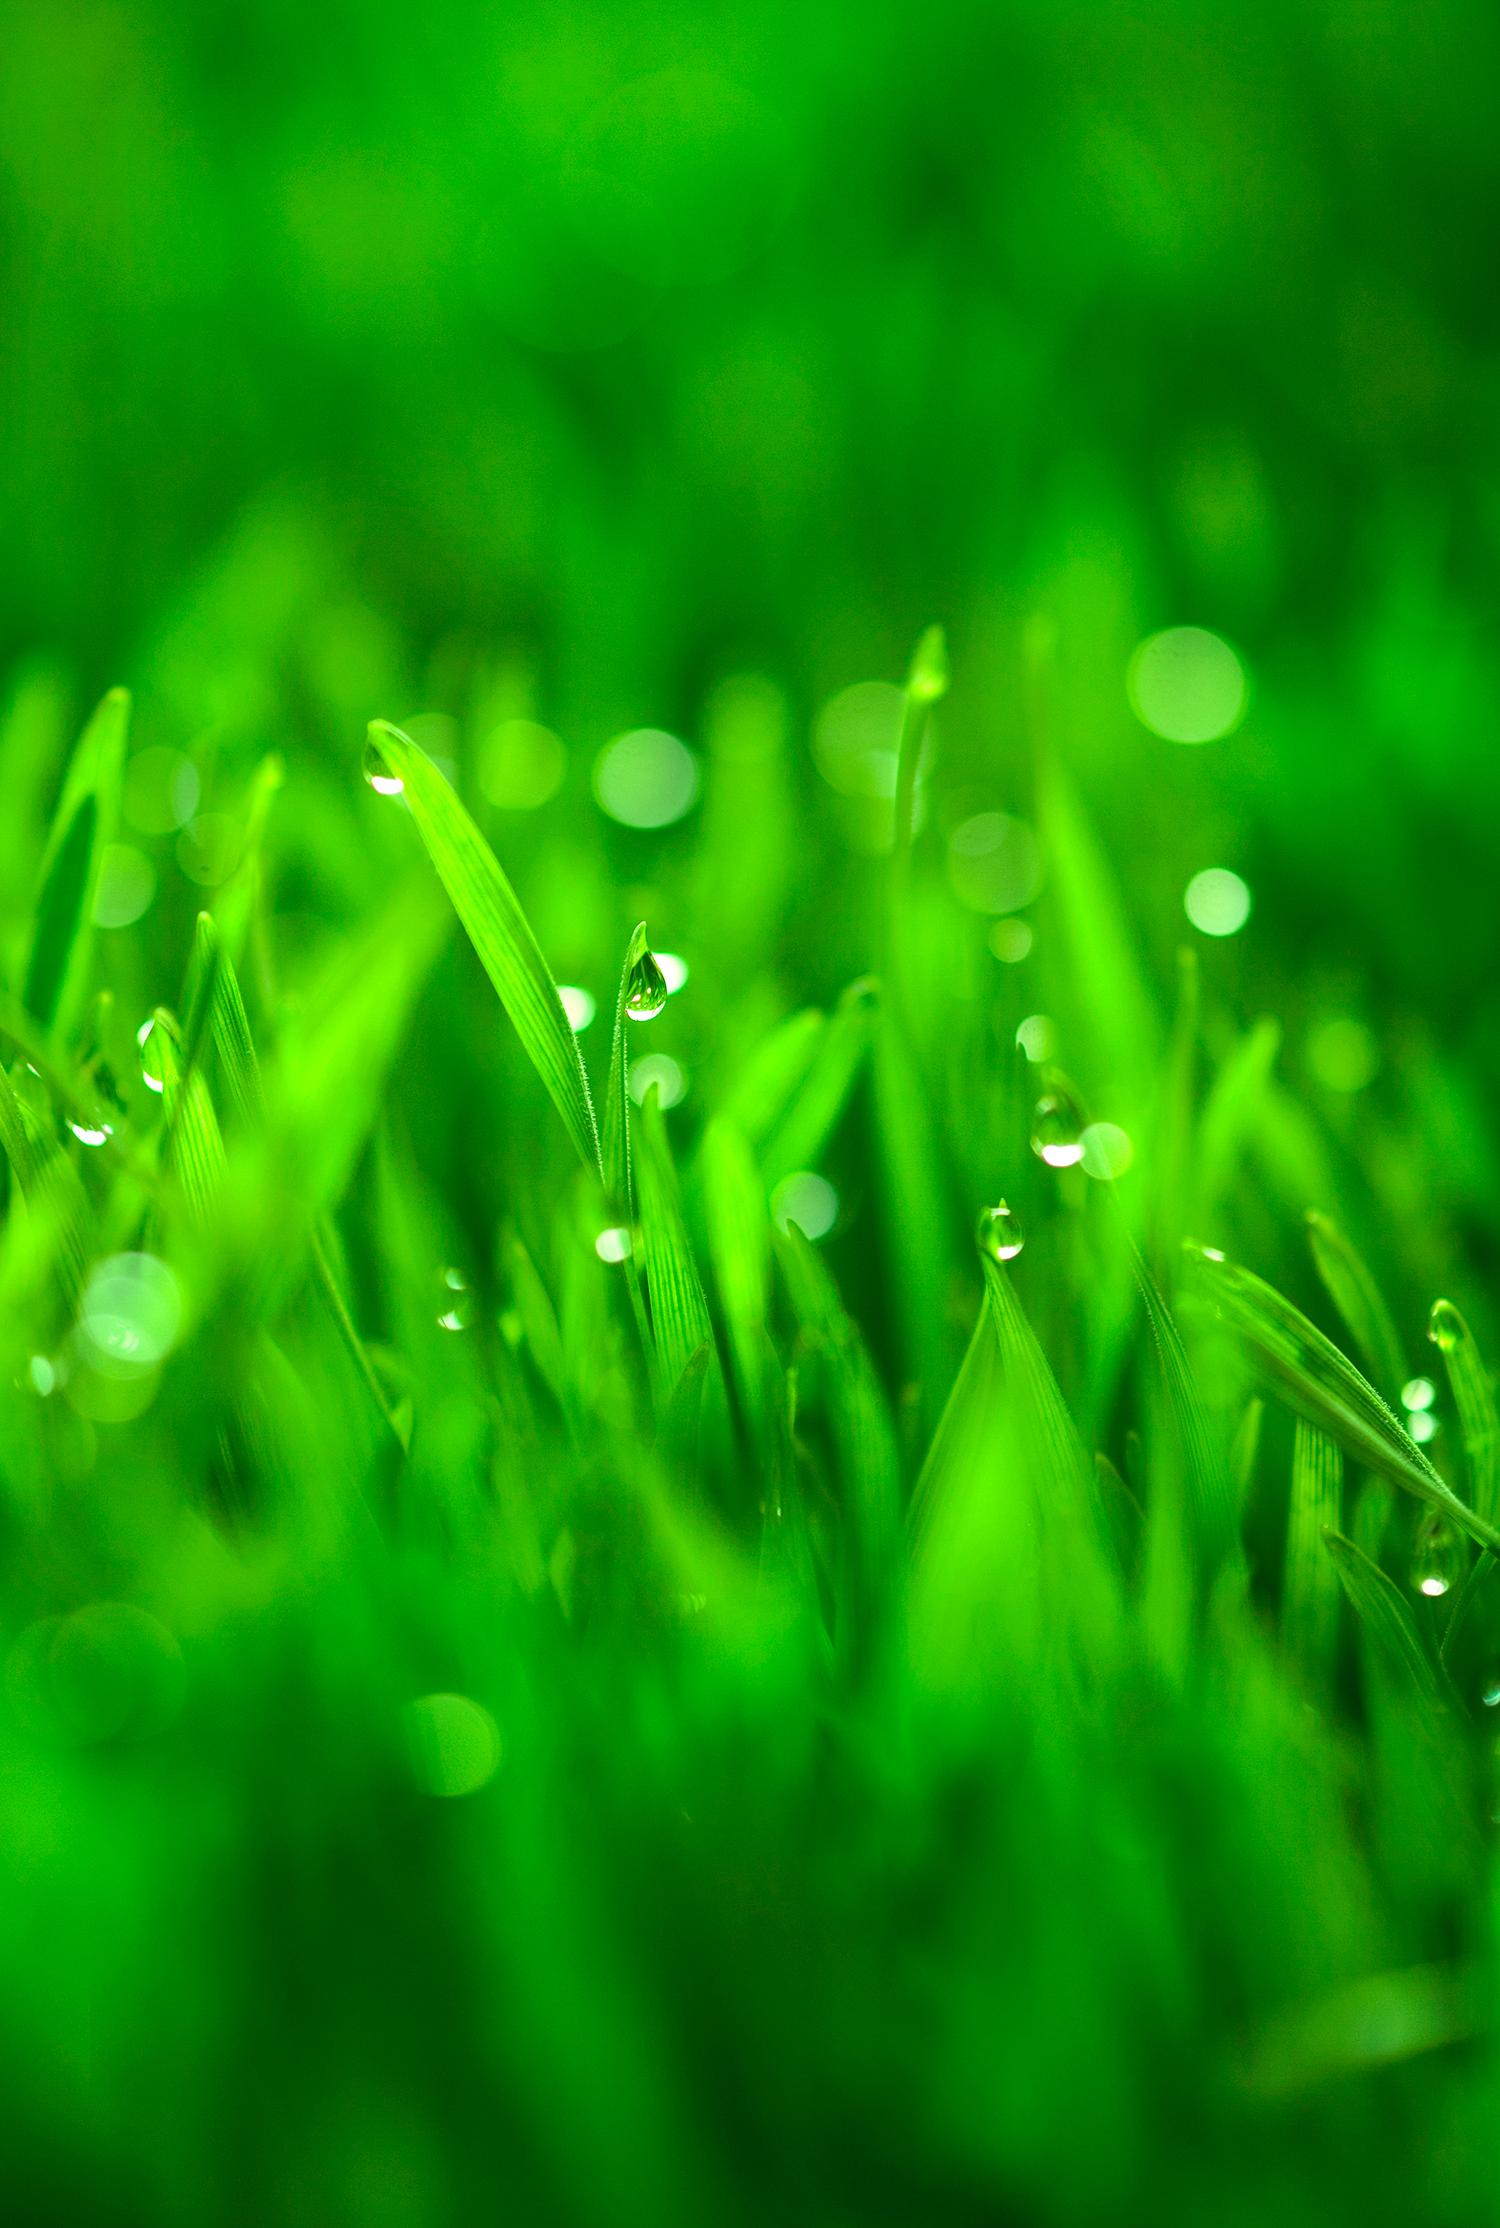 Wheat_Grass_original.jpg